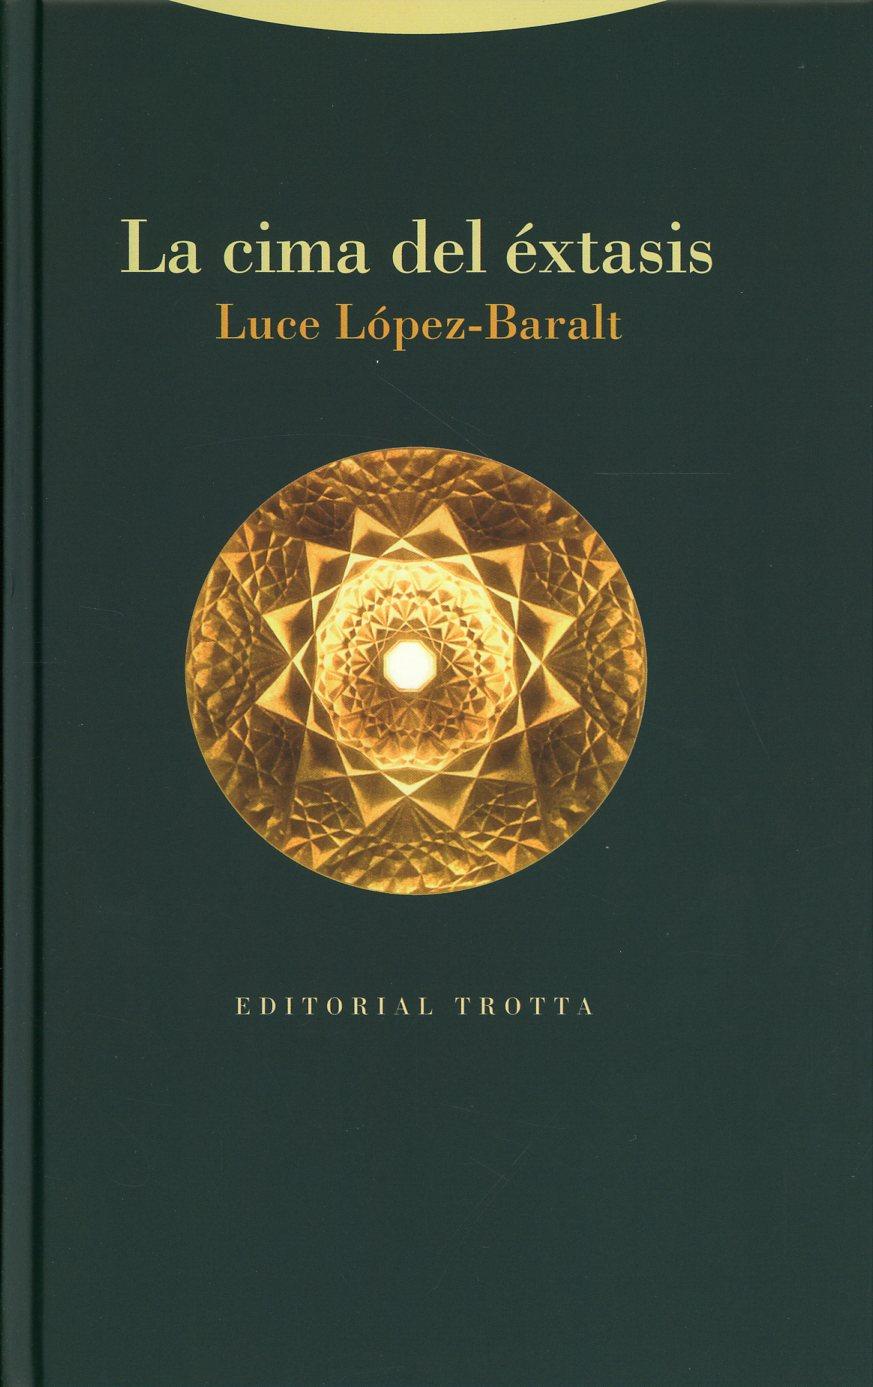 La cima del éxtasis / pd.. LOPEZ BARALT LUCE. Libro en papel. 9788498798340 Librería El Sótano